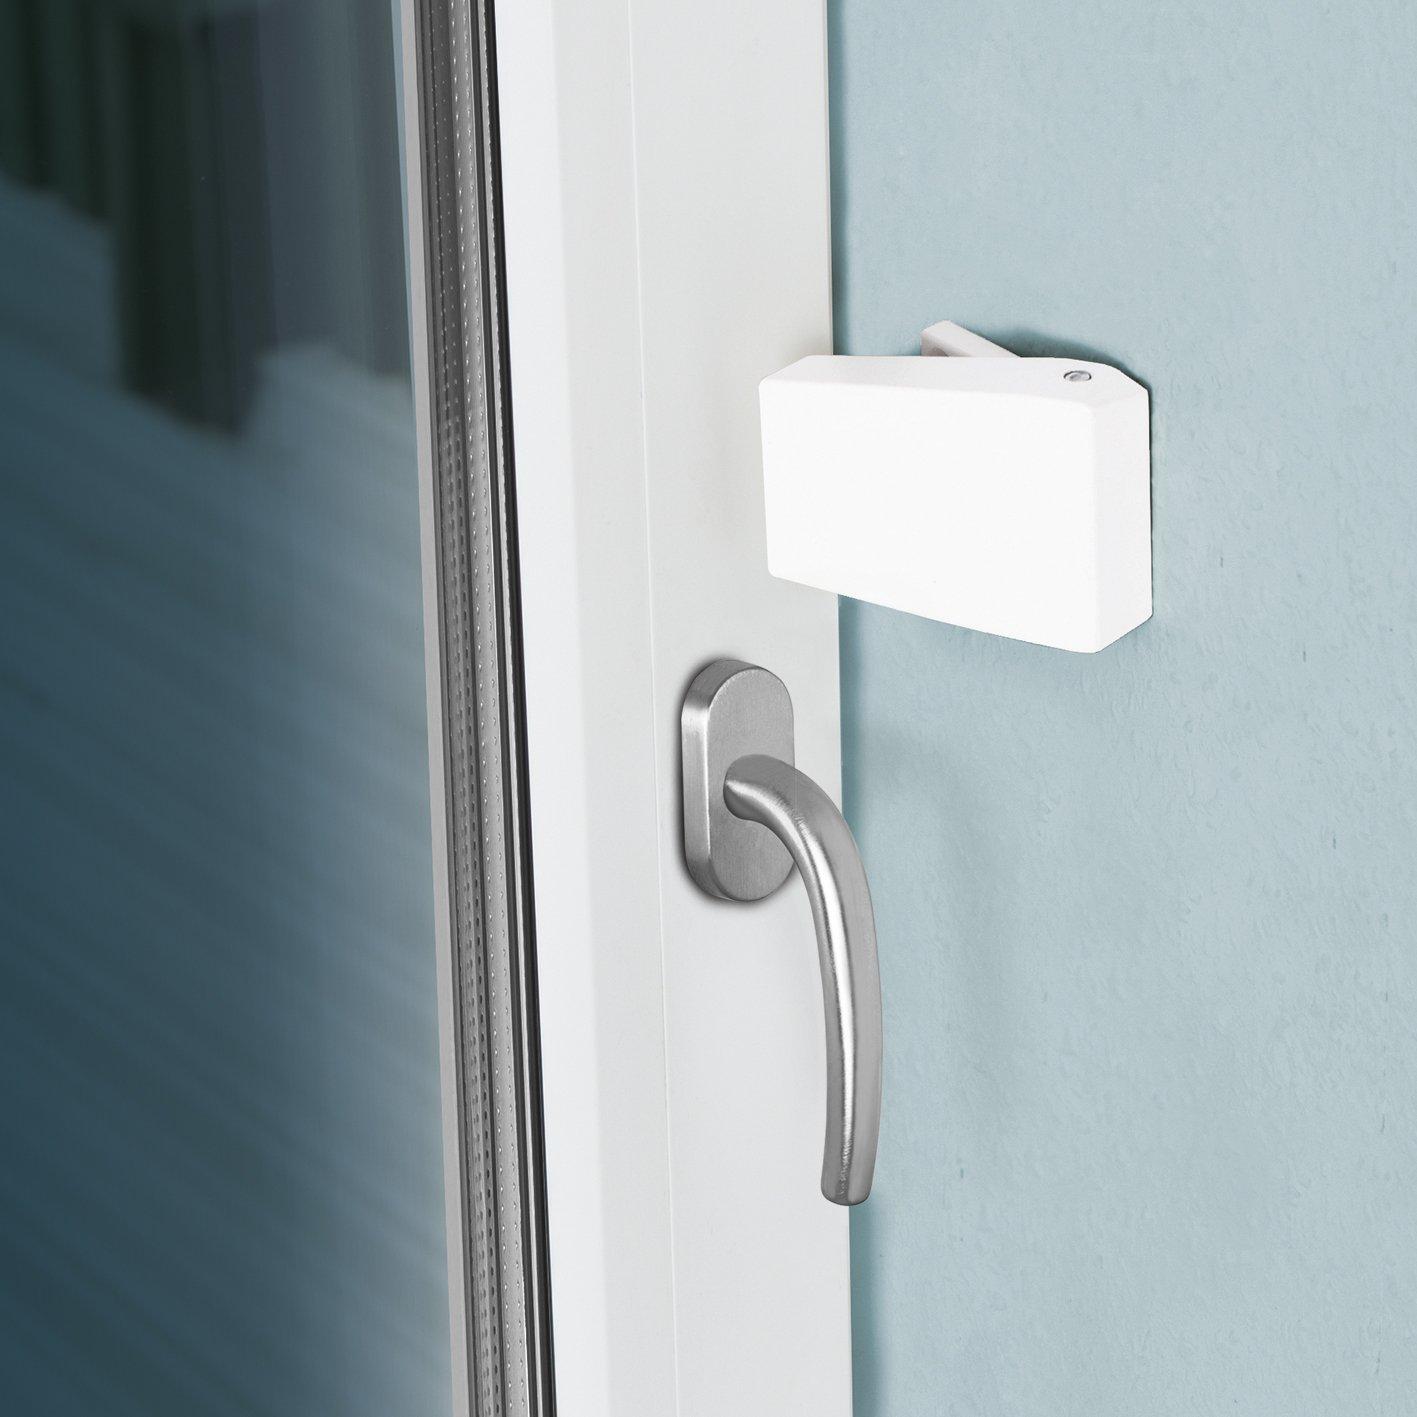 Fenster gegen einbruch sichern fenster gegen einbruch sichern with fenster gegen einbruch - Fenster gegen einbruch sichern ...